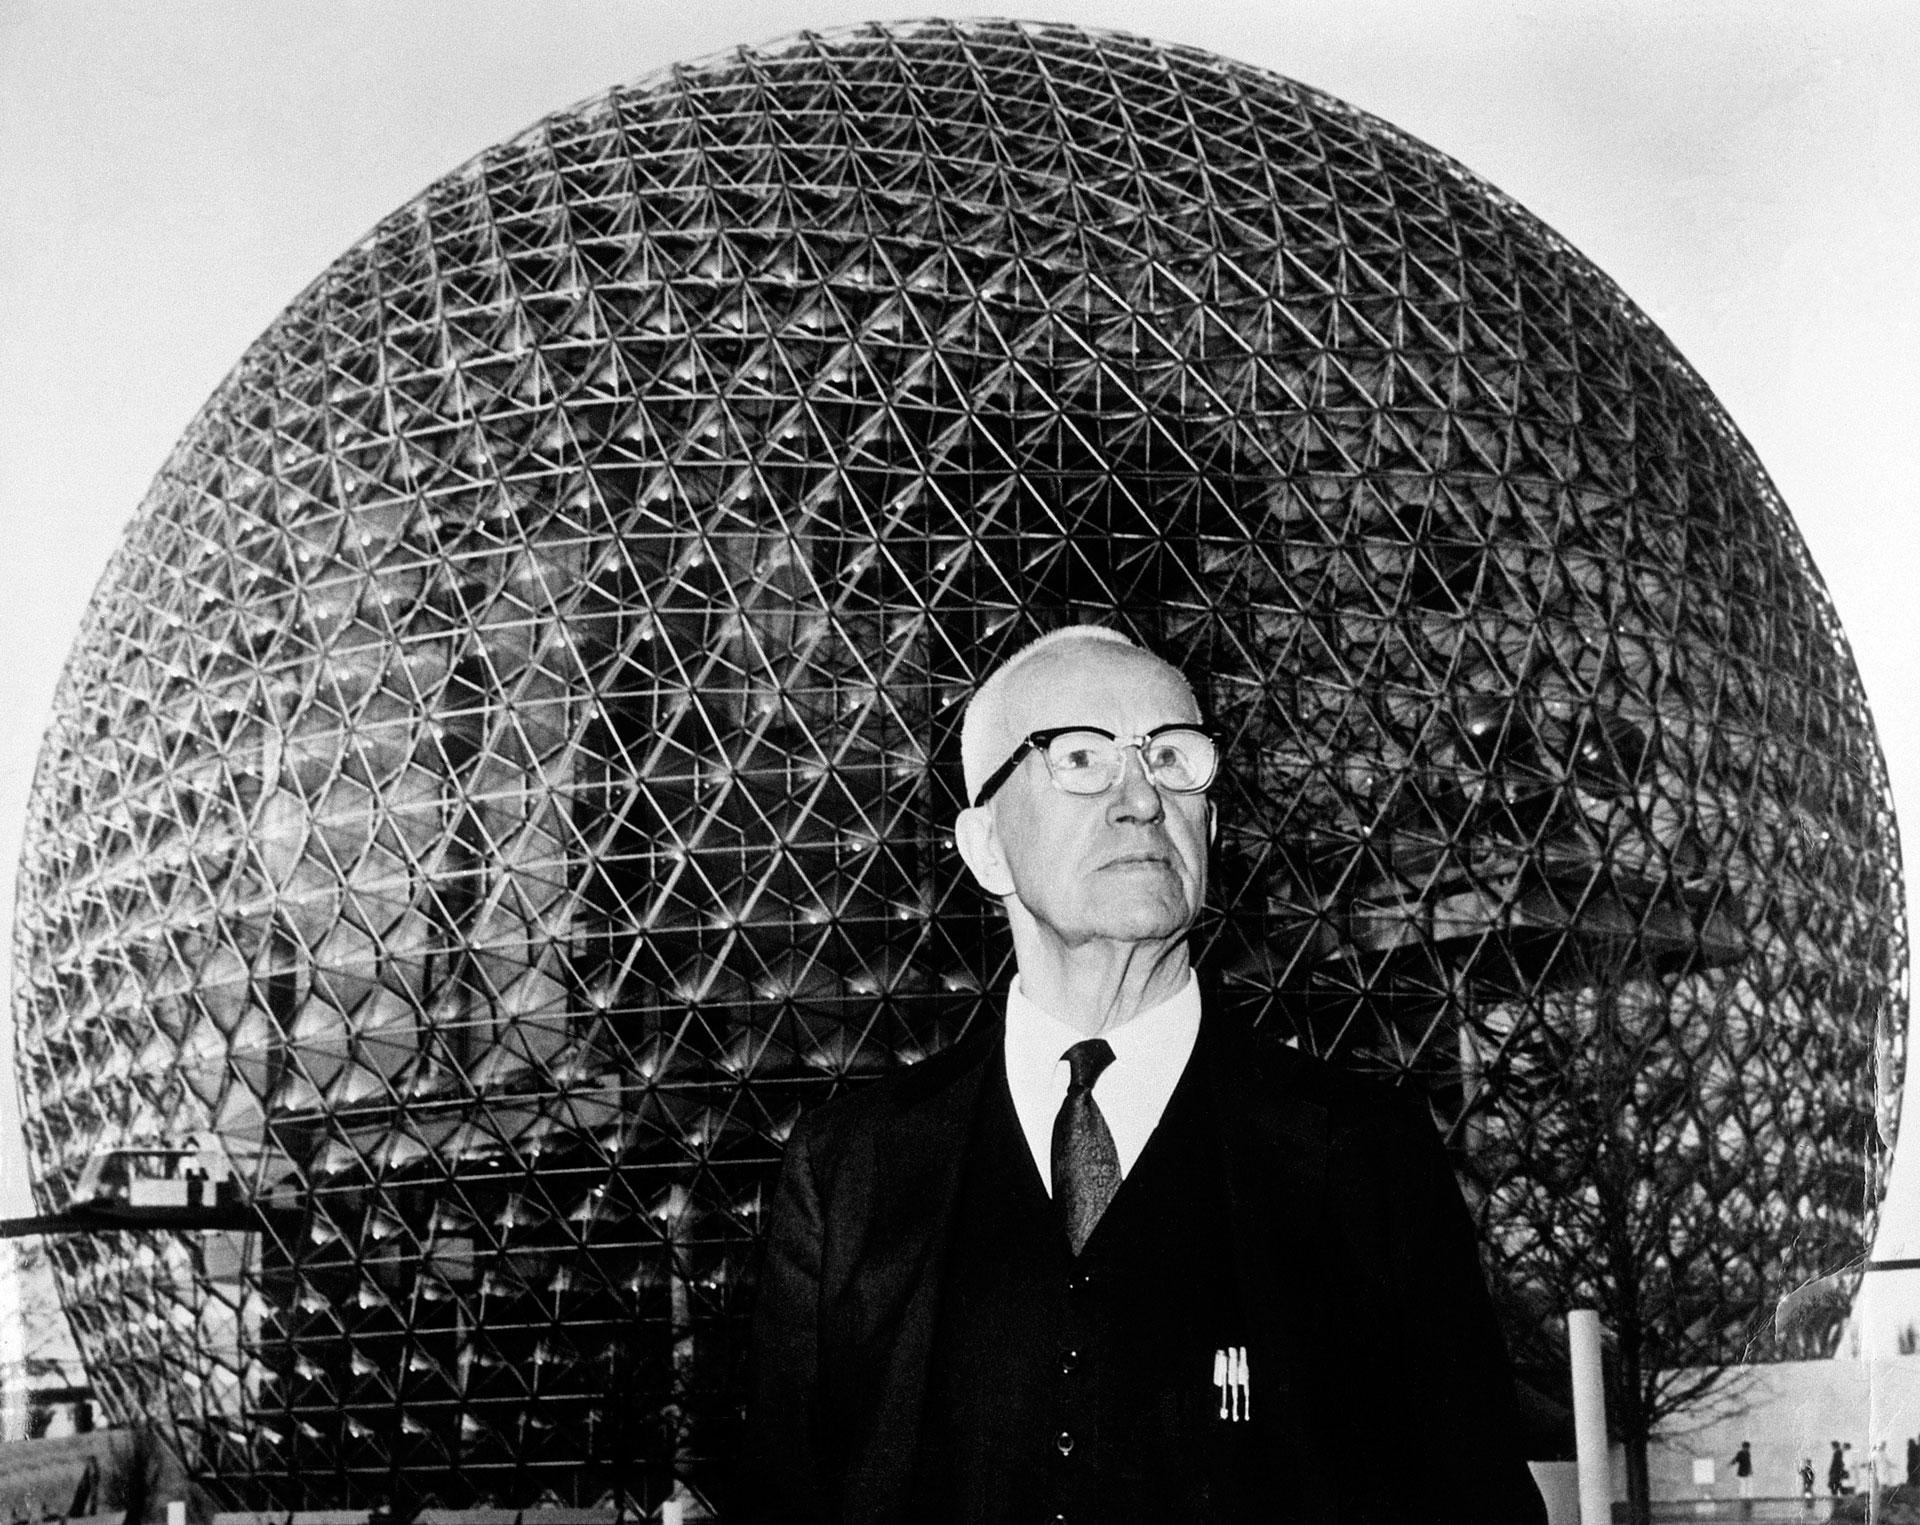 Buckminster 'Bucky' Fuller